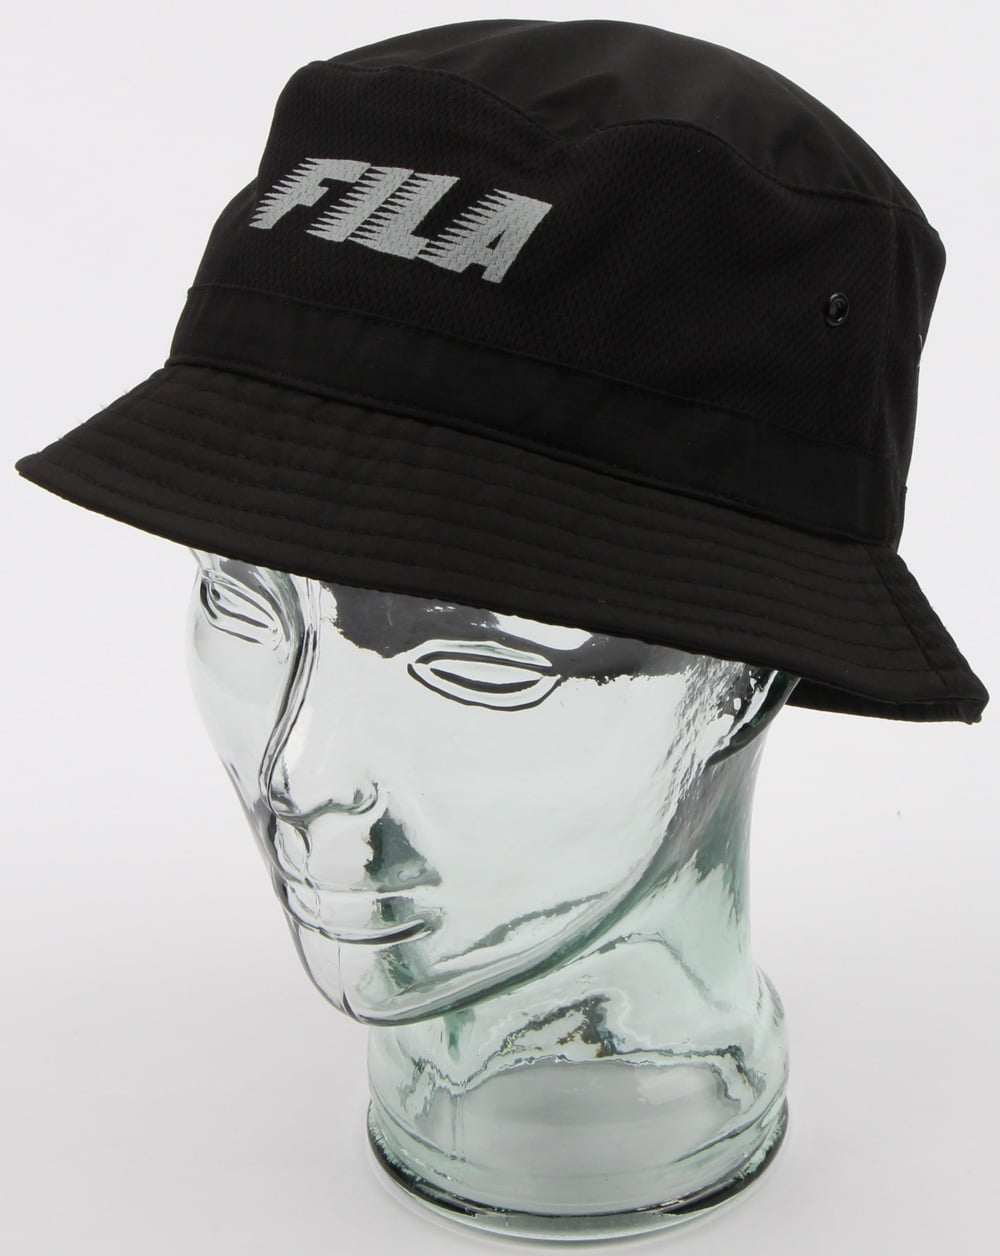 Fila Vintage Fila Vintage Boyd Bucket Hat Black 86ffc37f4e1